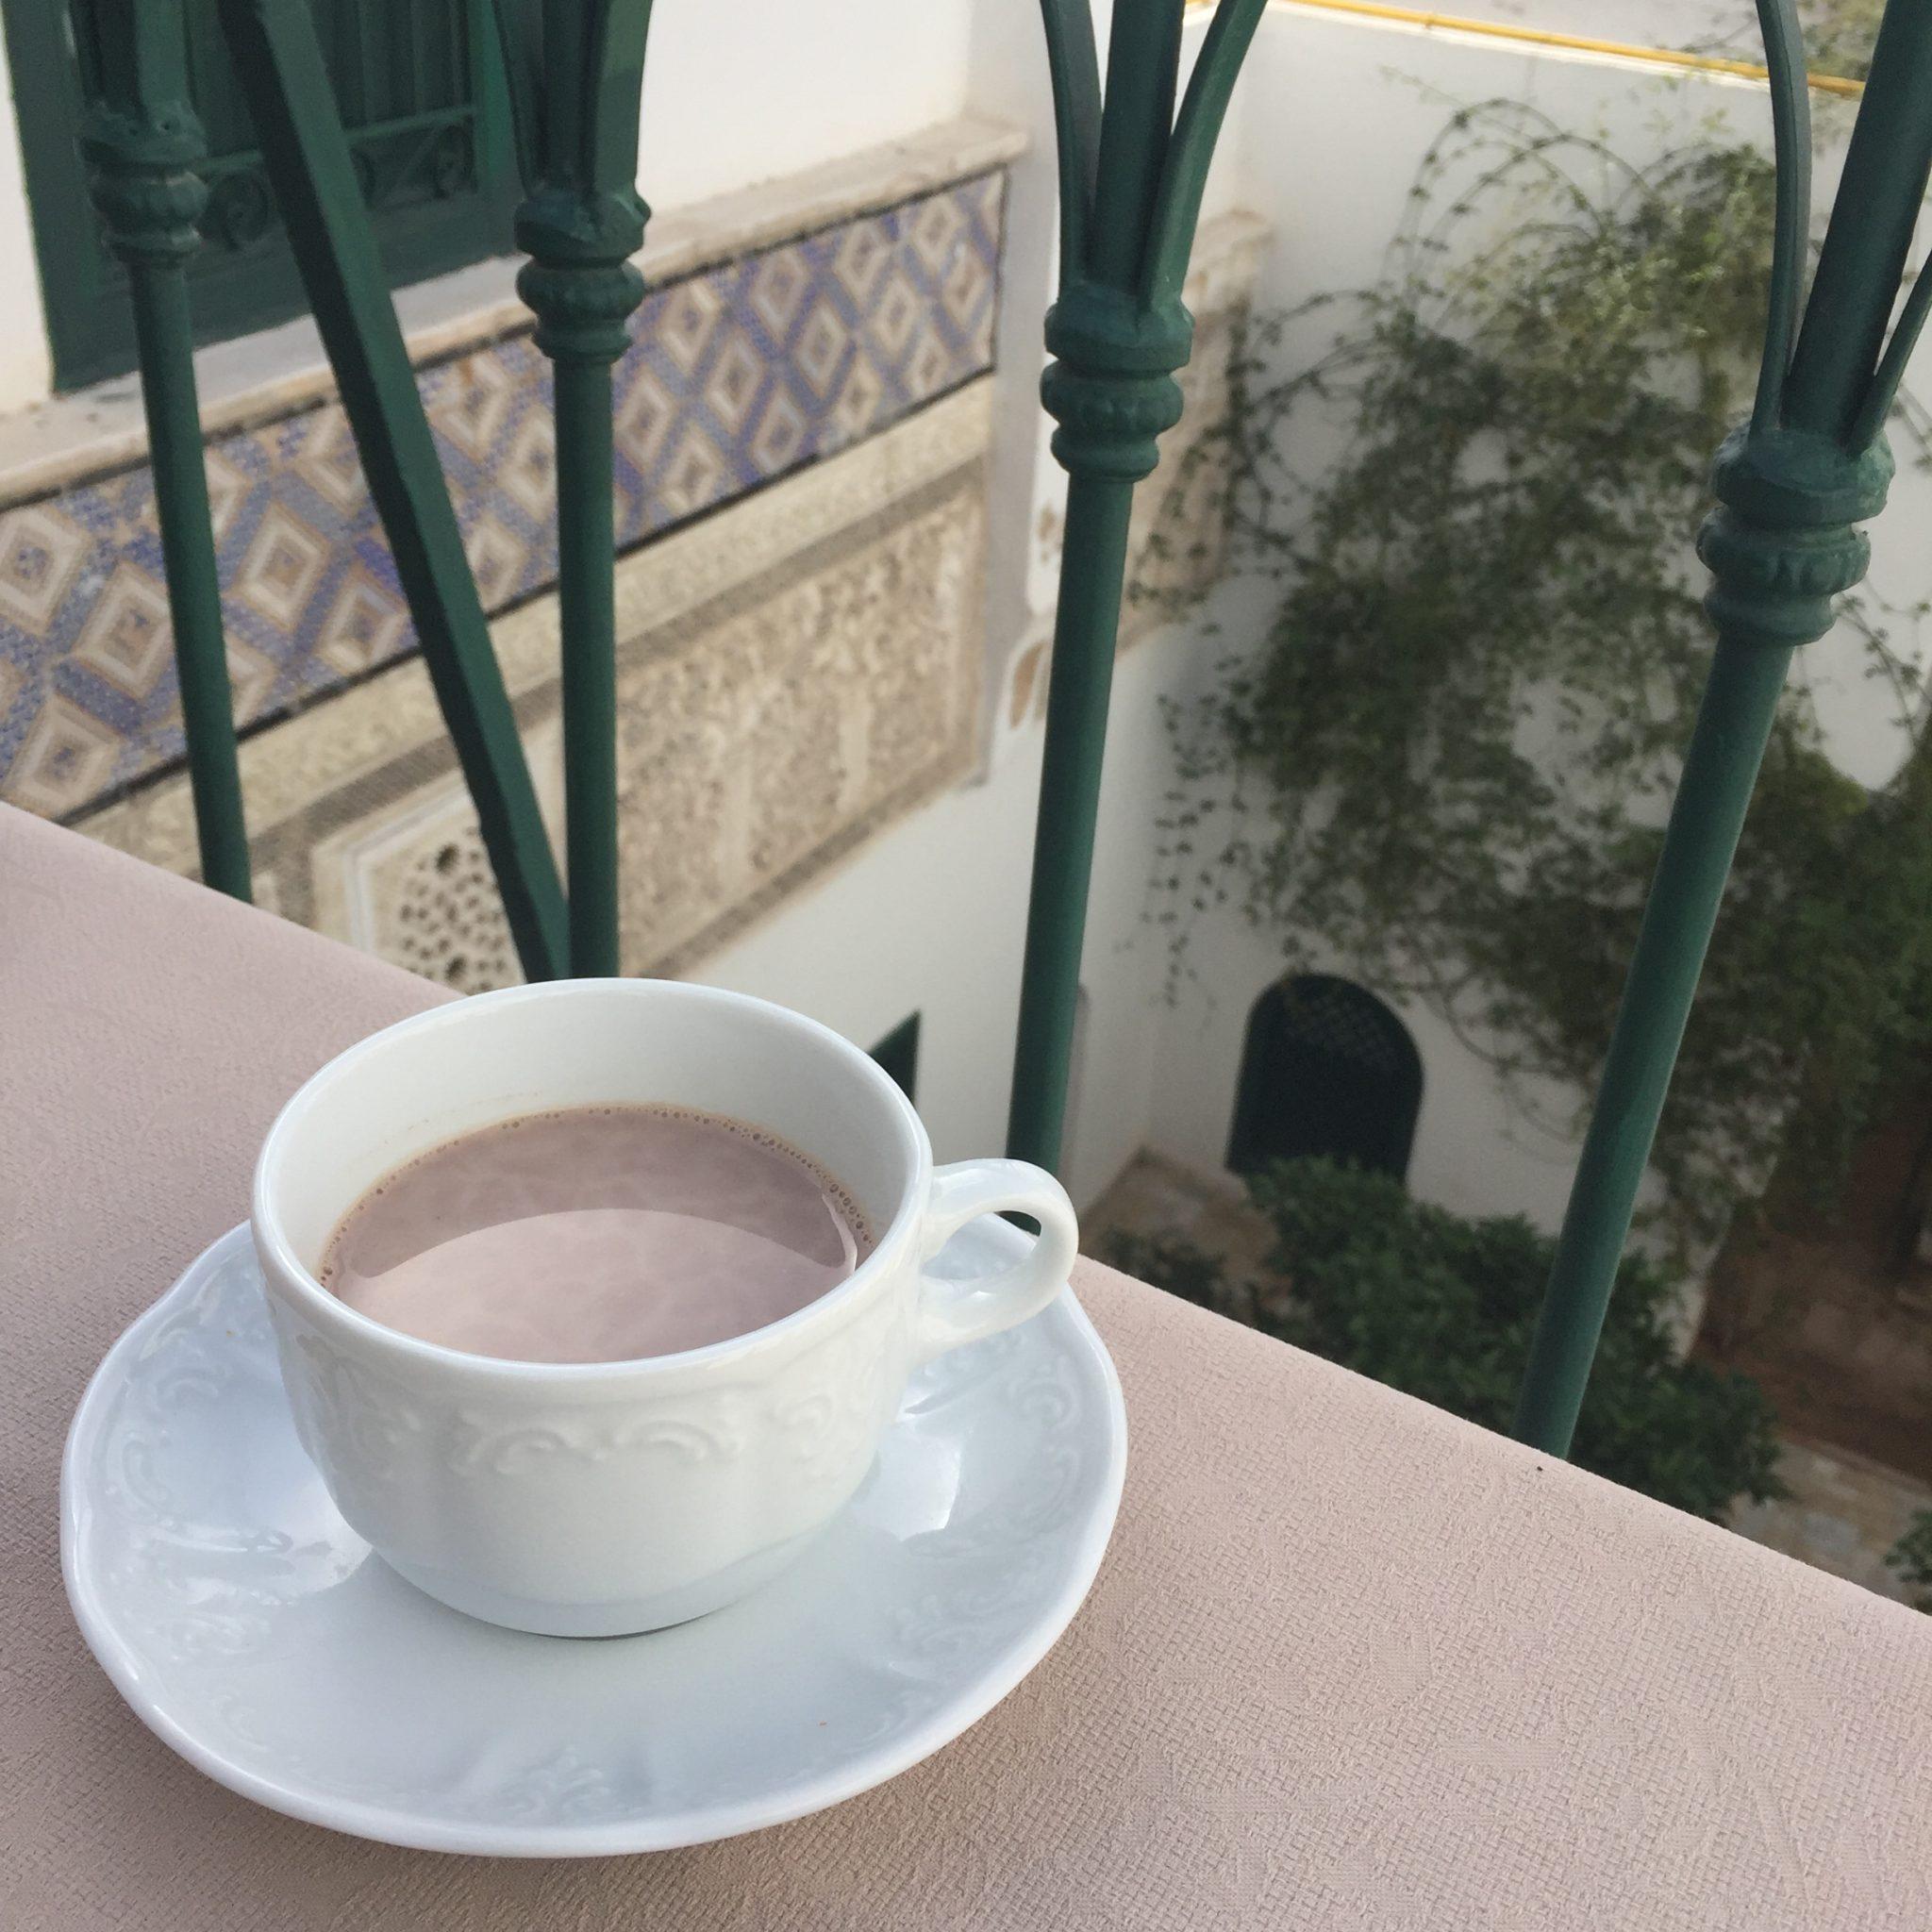 [Tunisie]: Le Palais Bayram, un hôtel digne des Mille et Une Nuits